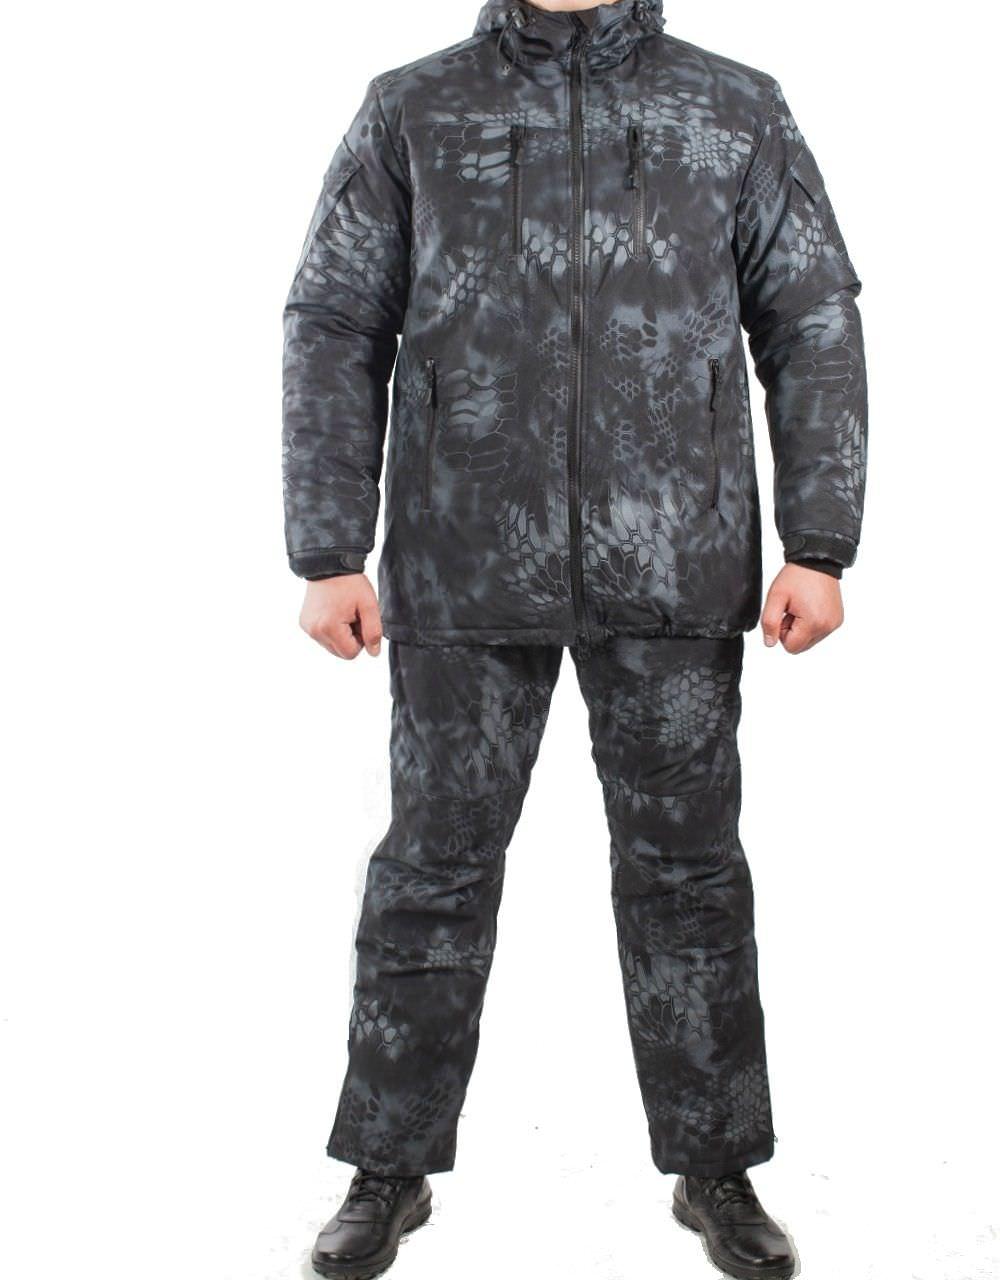 Костюм зимний МПА-38-01 (мембрана, питон ночь), Костюмы утепленные<br>Костюм состоит из брюк с плечевой разгрузочной <br>системой, а также куртки со съемным капюшоном <br>и утепляющей подкладкой. Разработан для <br>подразделений воооруженных сил, действующих <br>в условиях экстремального холода (до -50 <br>градусов Цельсия). ХАРАКТЕРИСТИКИ ЗАЩИТА <br>ОТ ХОЛОДА ДЛЯ ИНТЕНСИВНЫХ НАГРУЗОК ДЛЯ <br>АКТИВНОГО ОТДЫХА ТОЛЬКО РУЧНАЯ СТИРКА МАТЕРИАЛЫ <br>МЕМБРАНА УТЕПЛИТЕЛЬ ФАЙБЕРСОФТ<br><br>Пол: мужской<br>Размер: 50<br>Рост: 188<br>Сезон: зима<br>Цвет: черный<br>Материал: мембрана